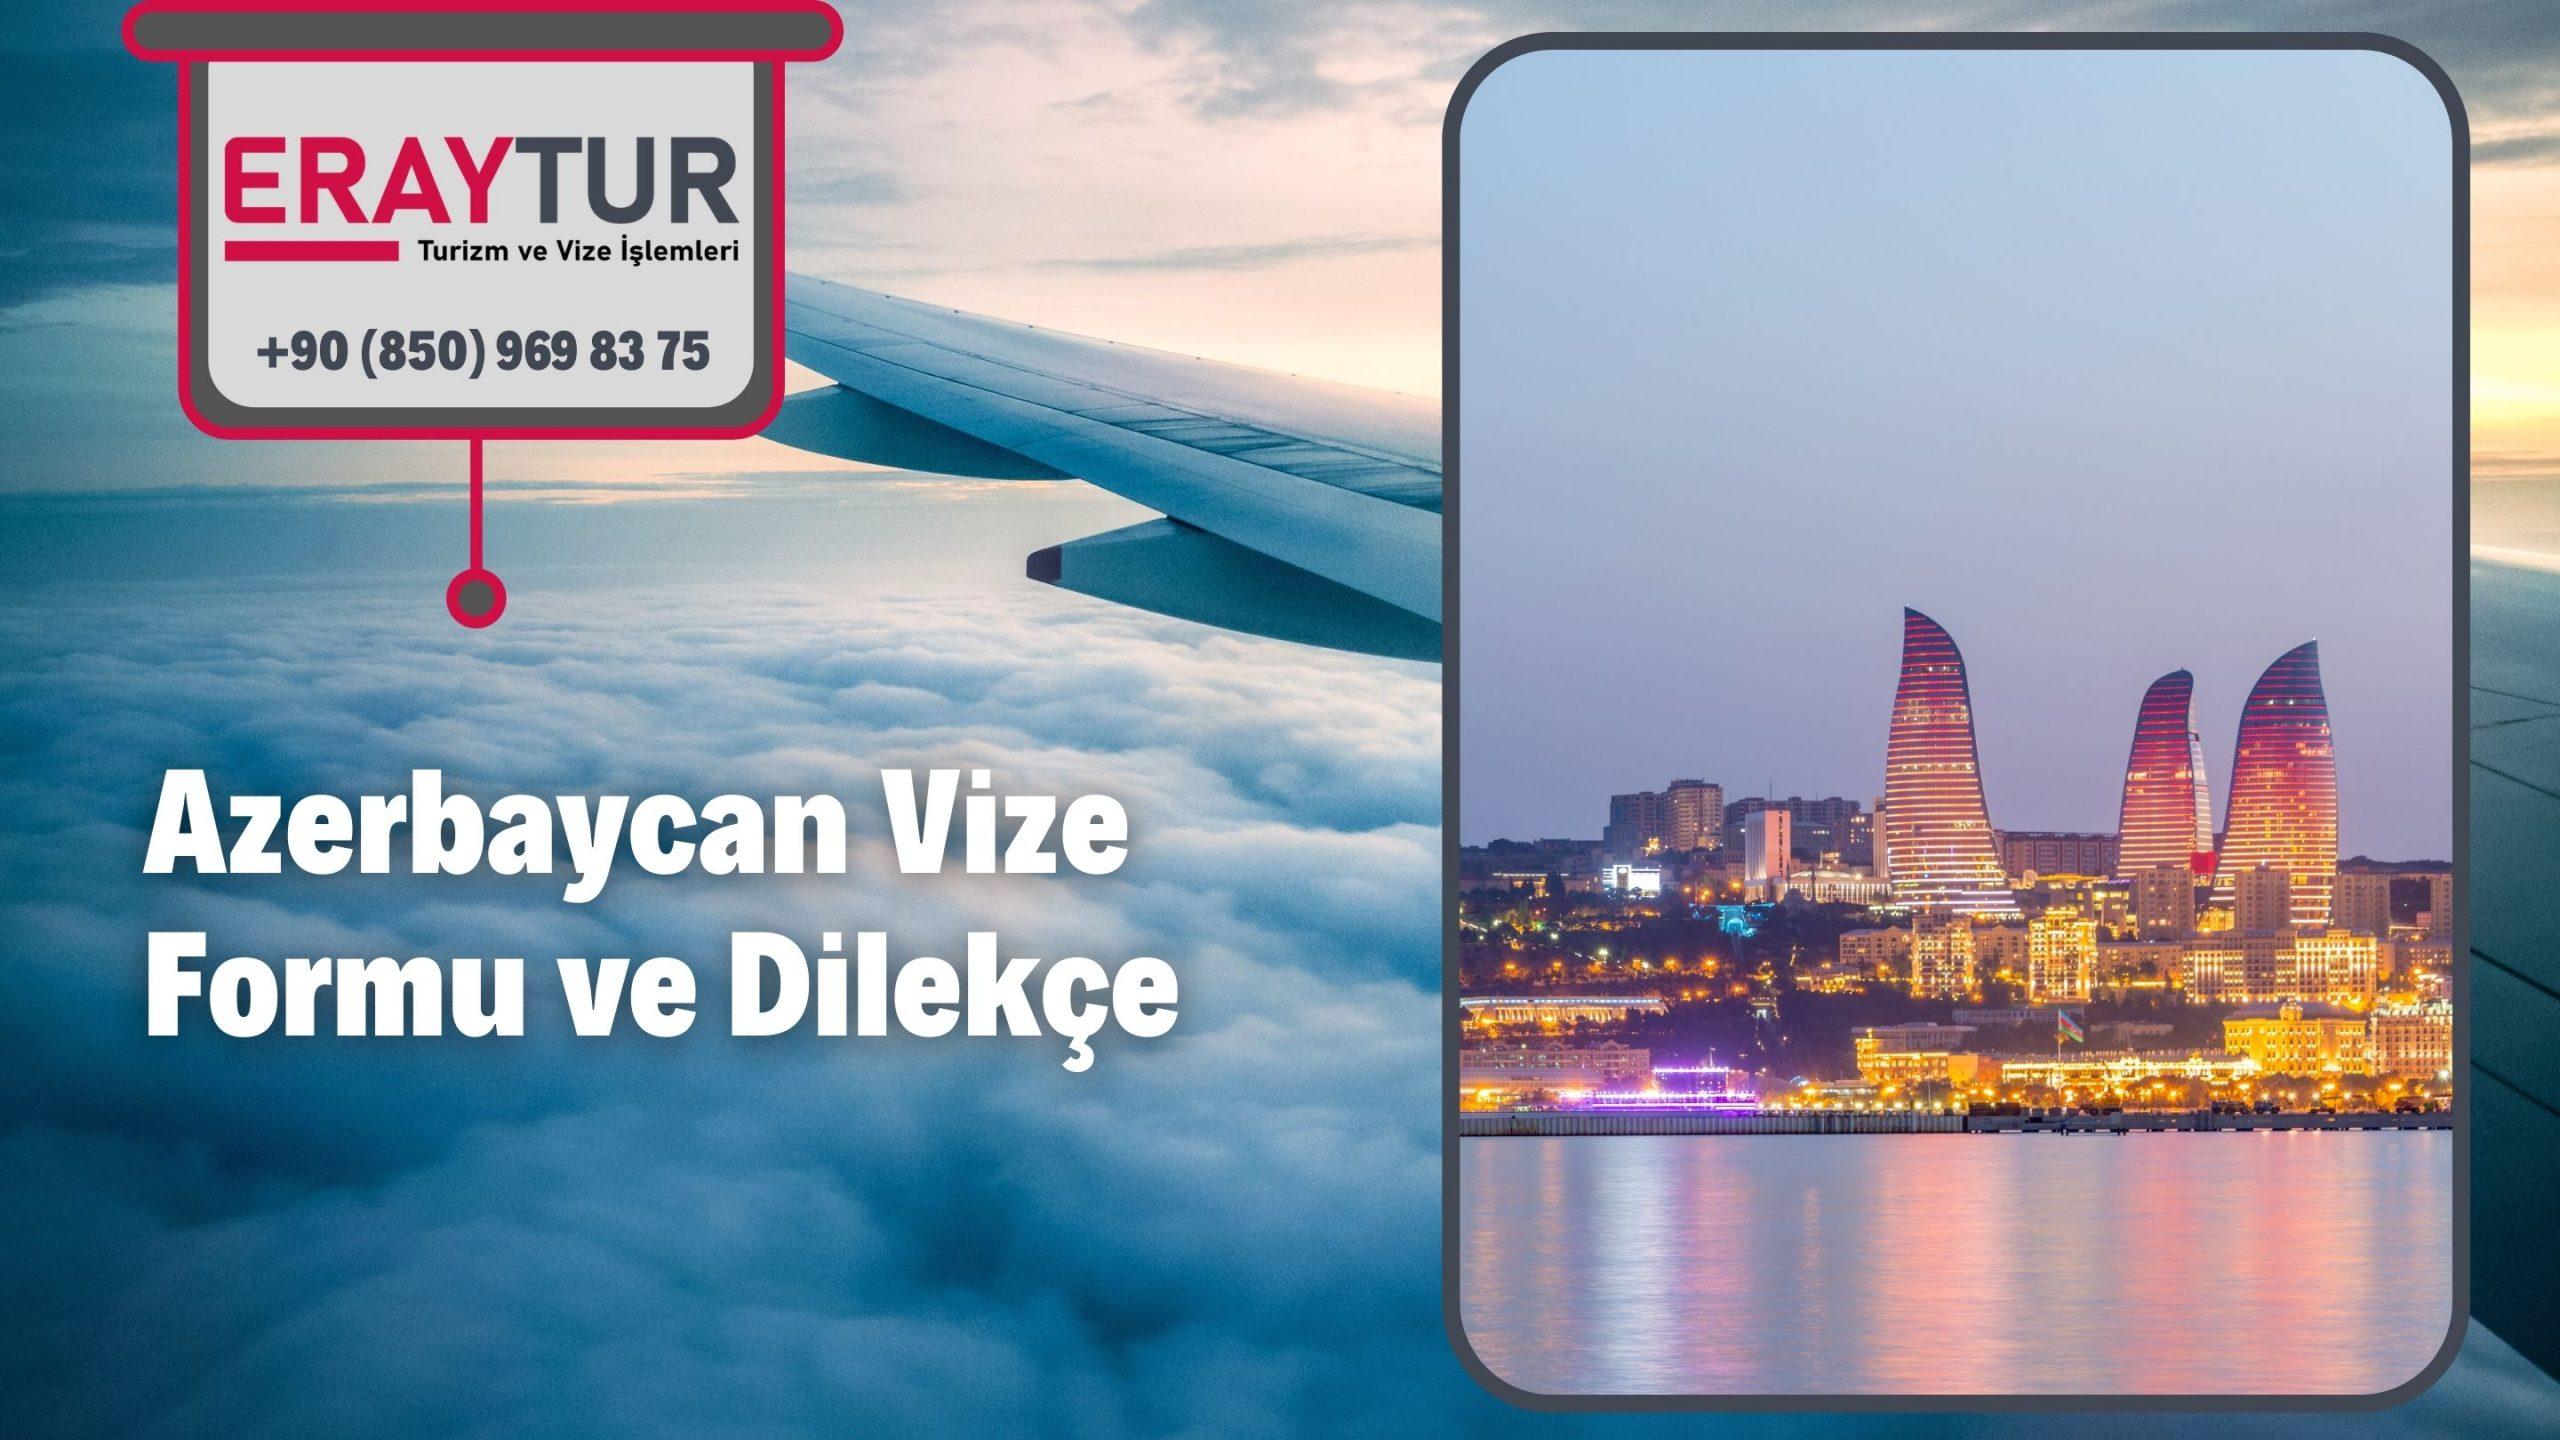 Azerbaycan Vize Formu ve Dilekçe 1 – azerbaycan vize formu ve dilekce 1 scaled